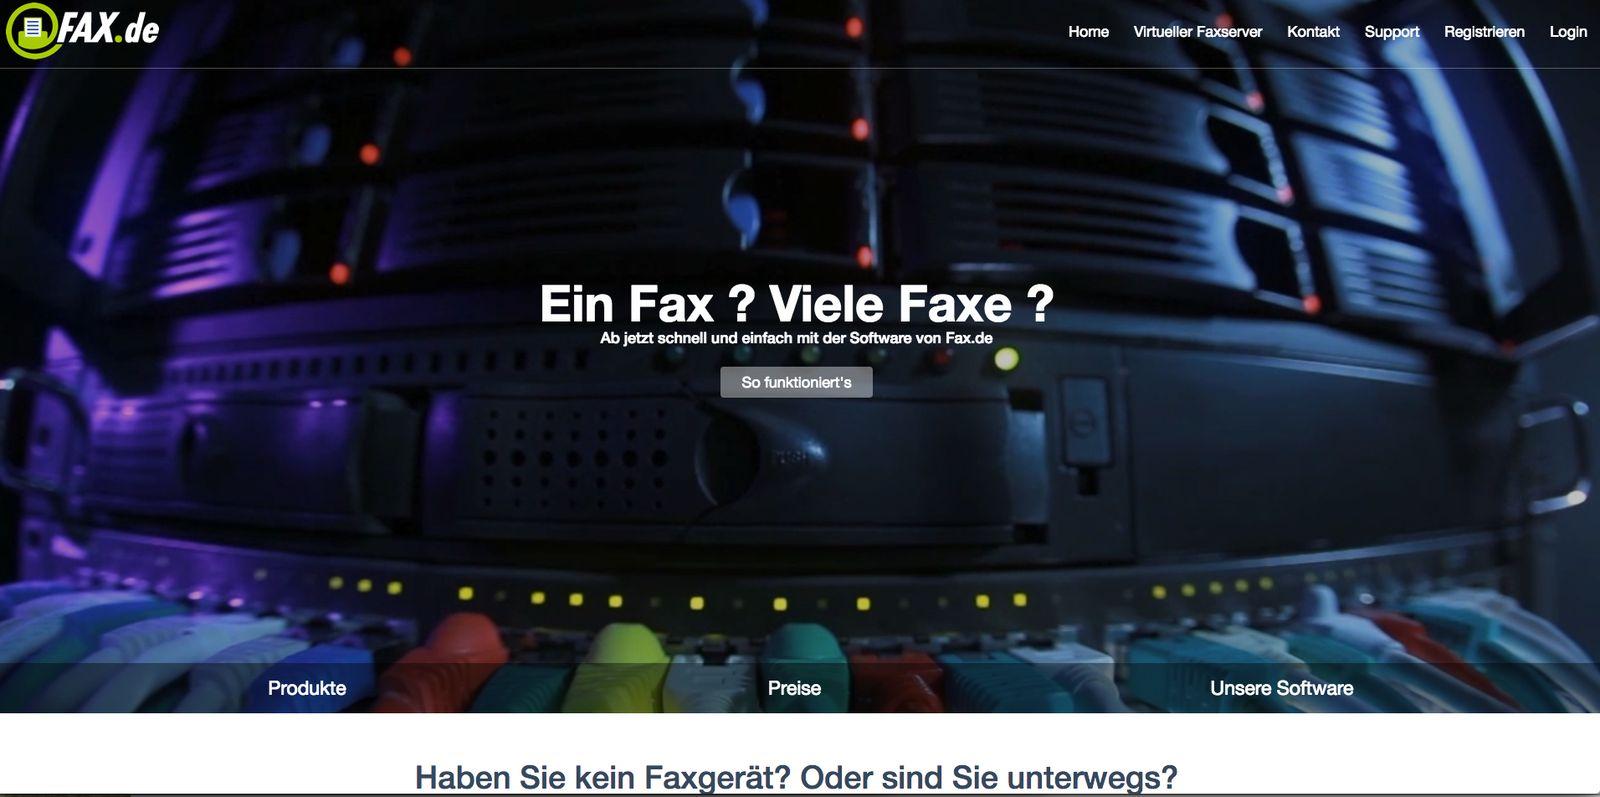 Onlinefax bei Fax de